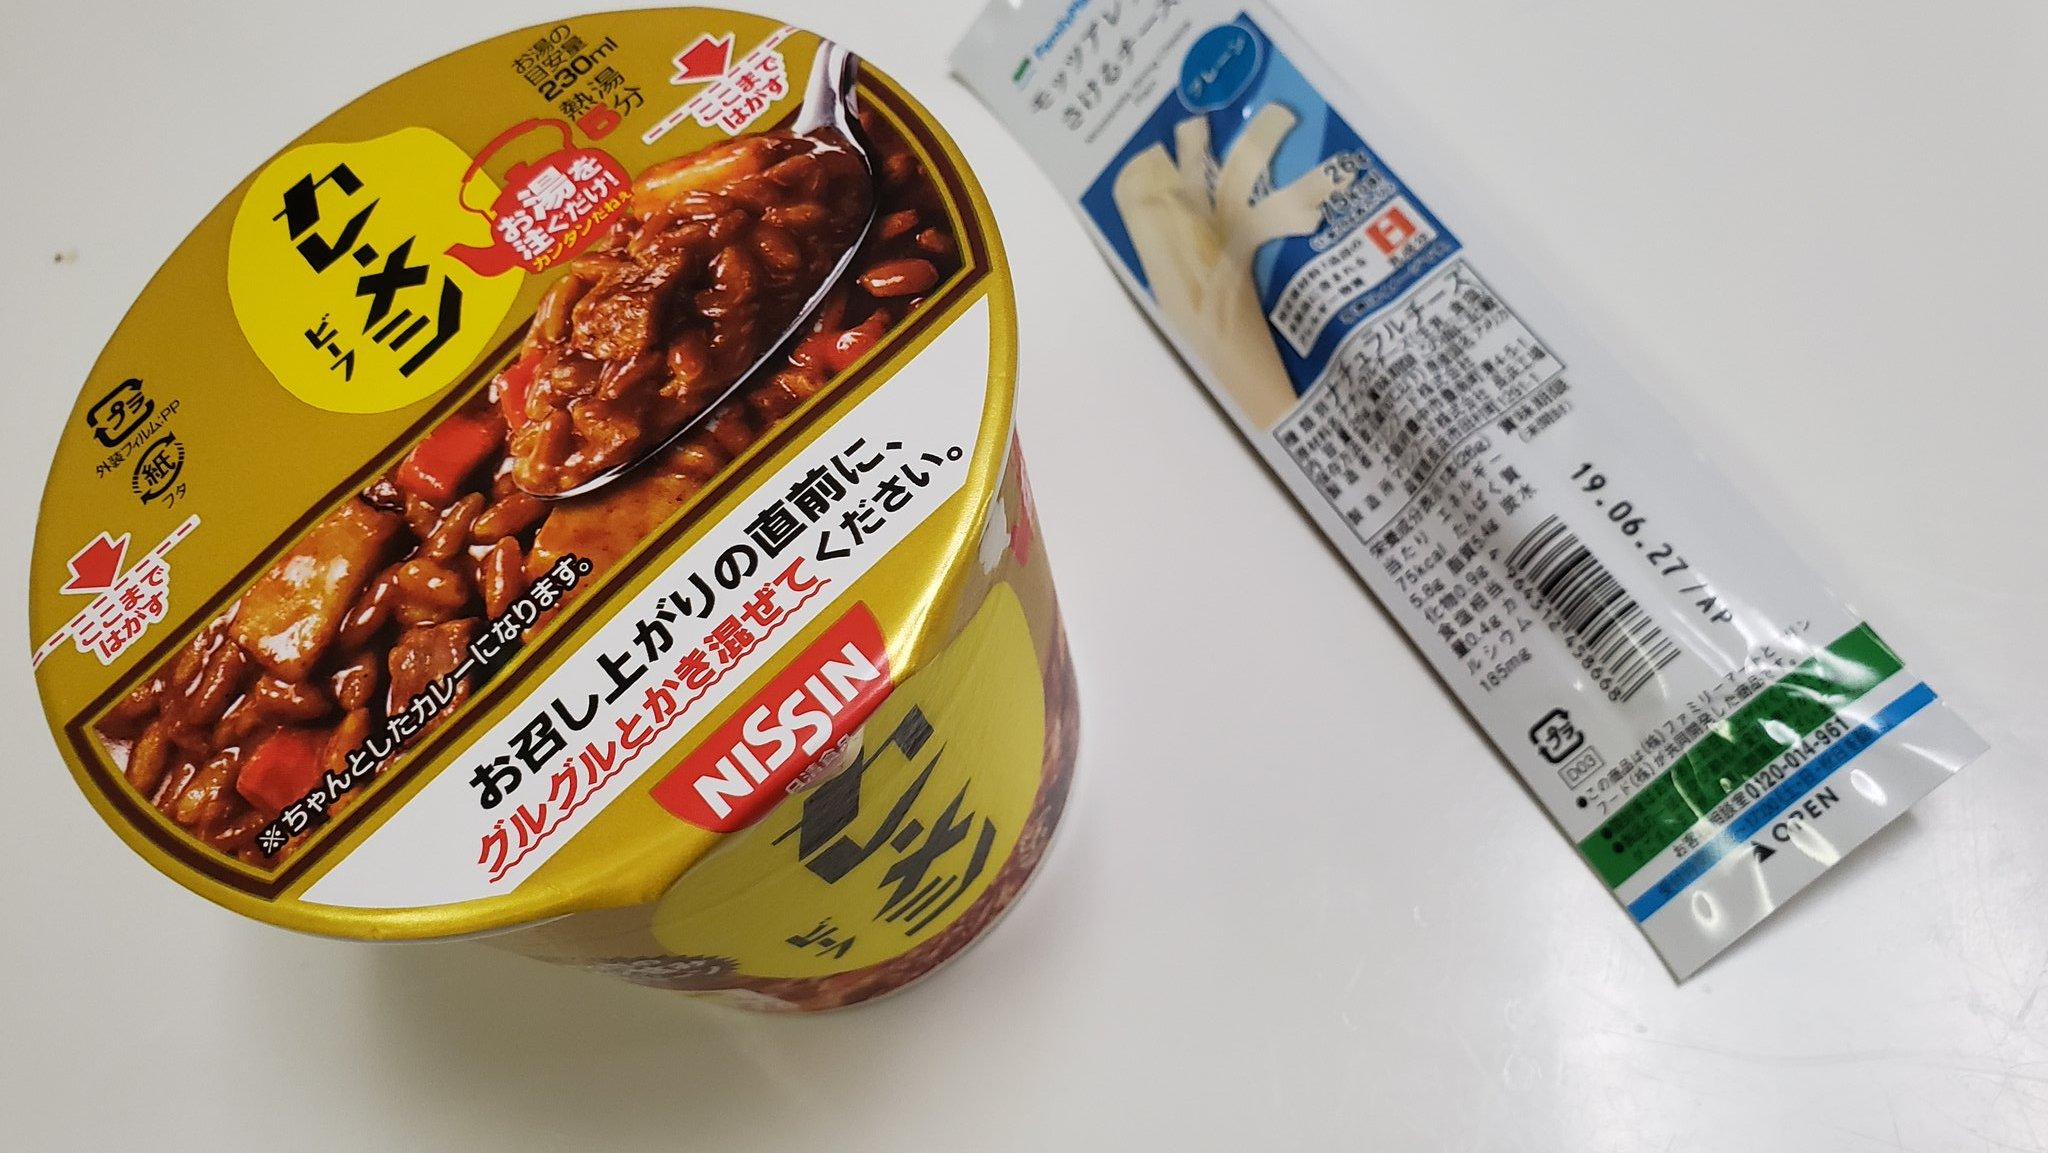 カレーメシとさけるチーズが最強!!ネオジャスティスチーズカレーメシ!!!